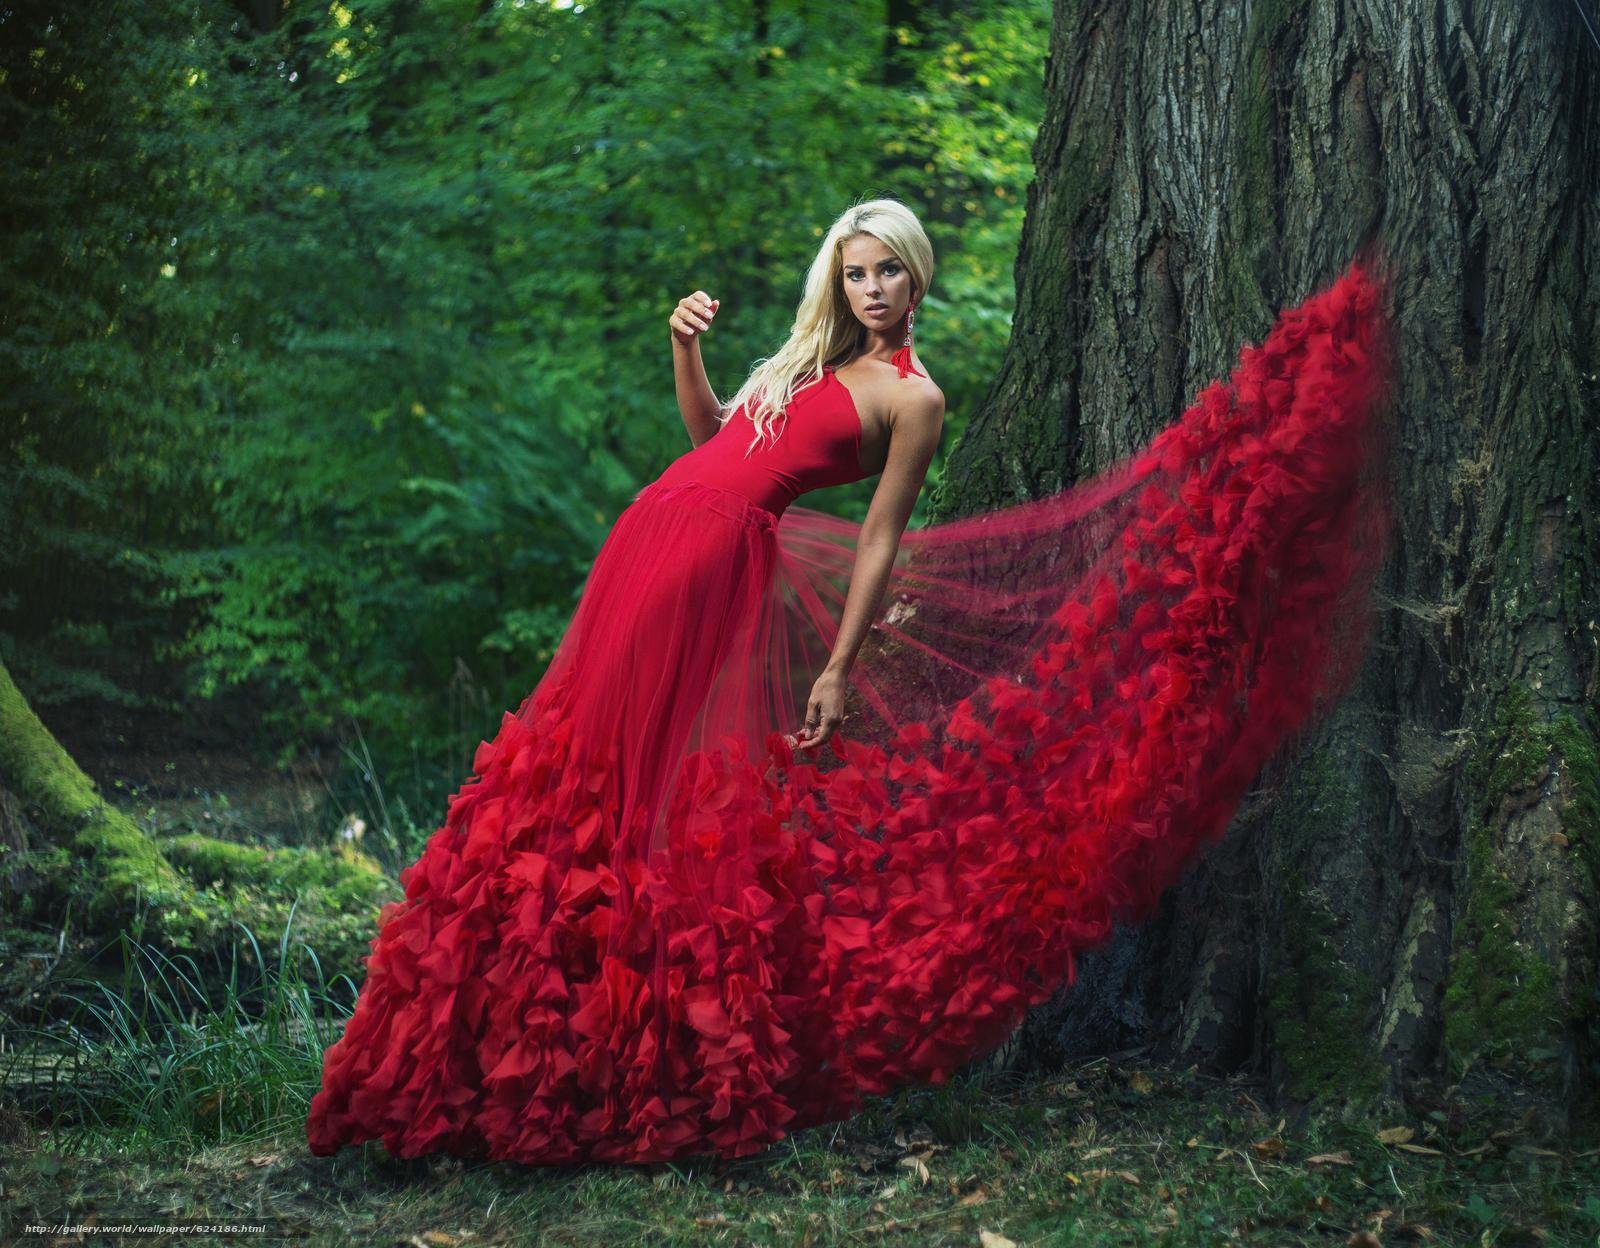 модель, поза, красное платье, платье, дерево